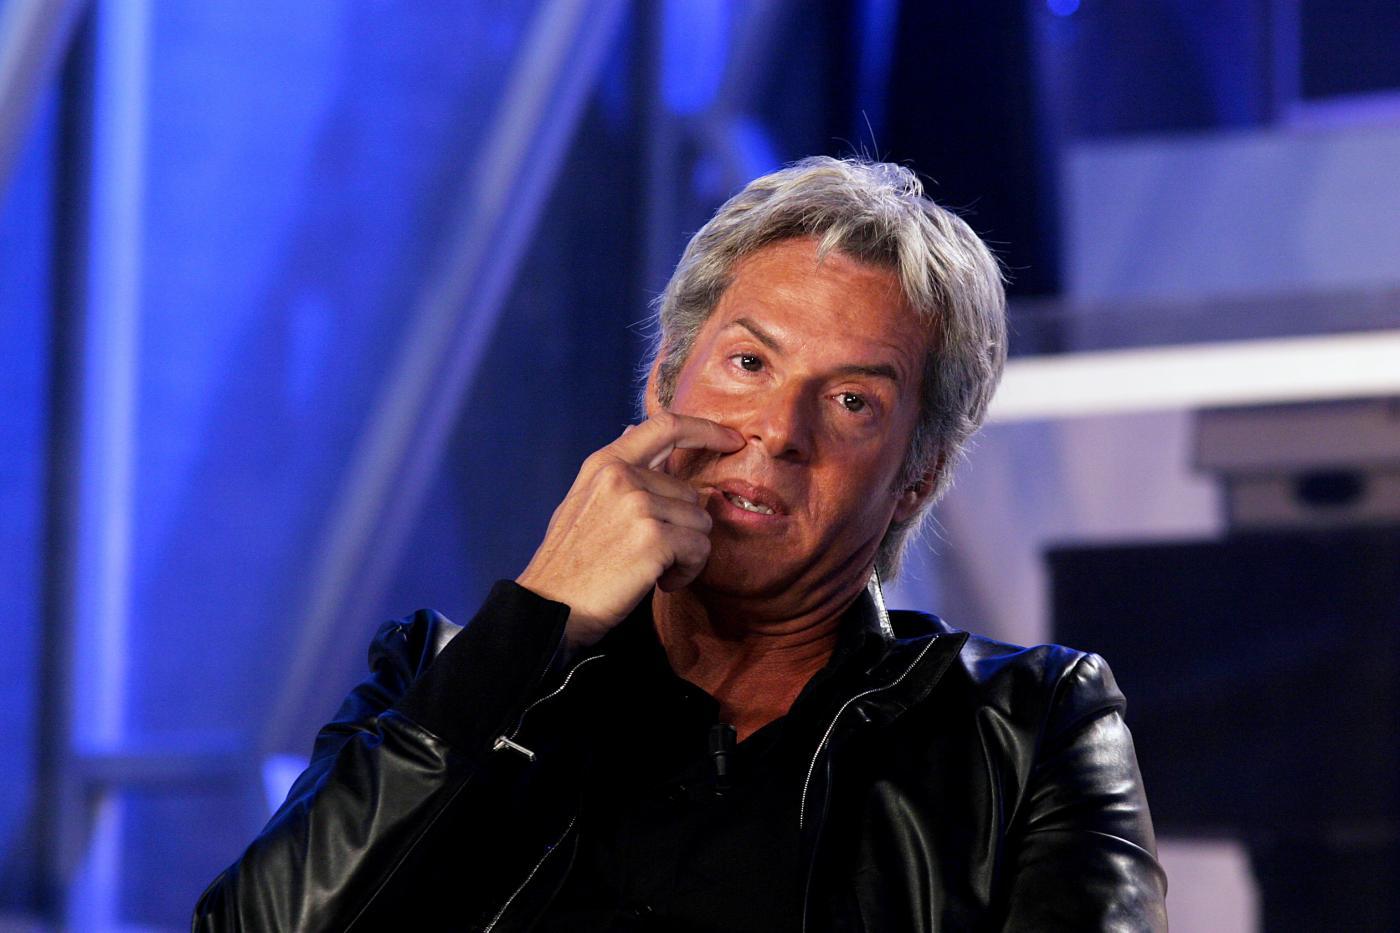 Claudio Baglioni, com'era e com'è FOTO 8